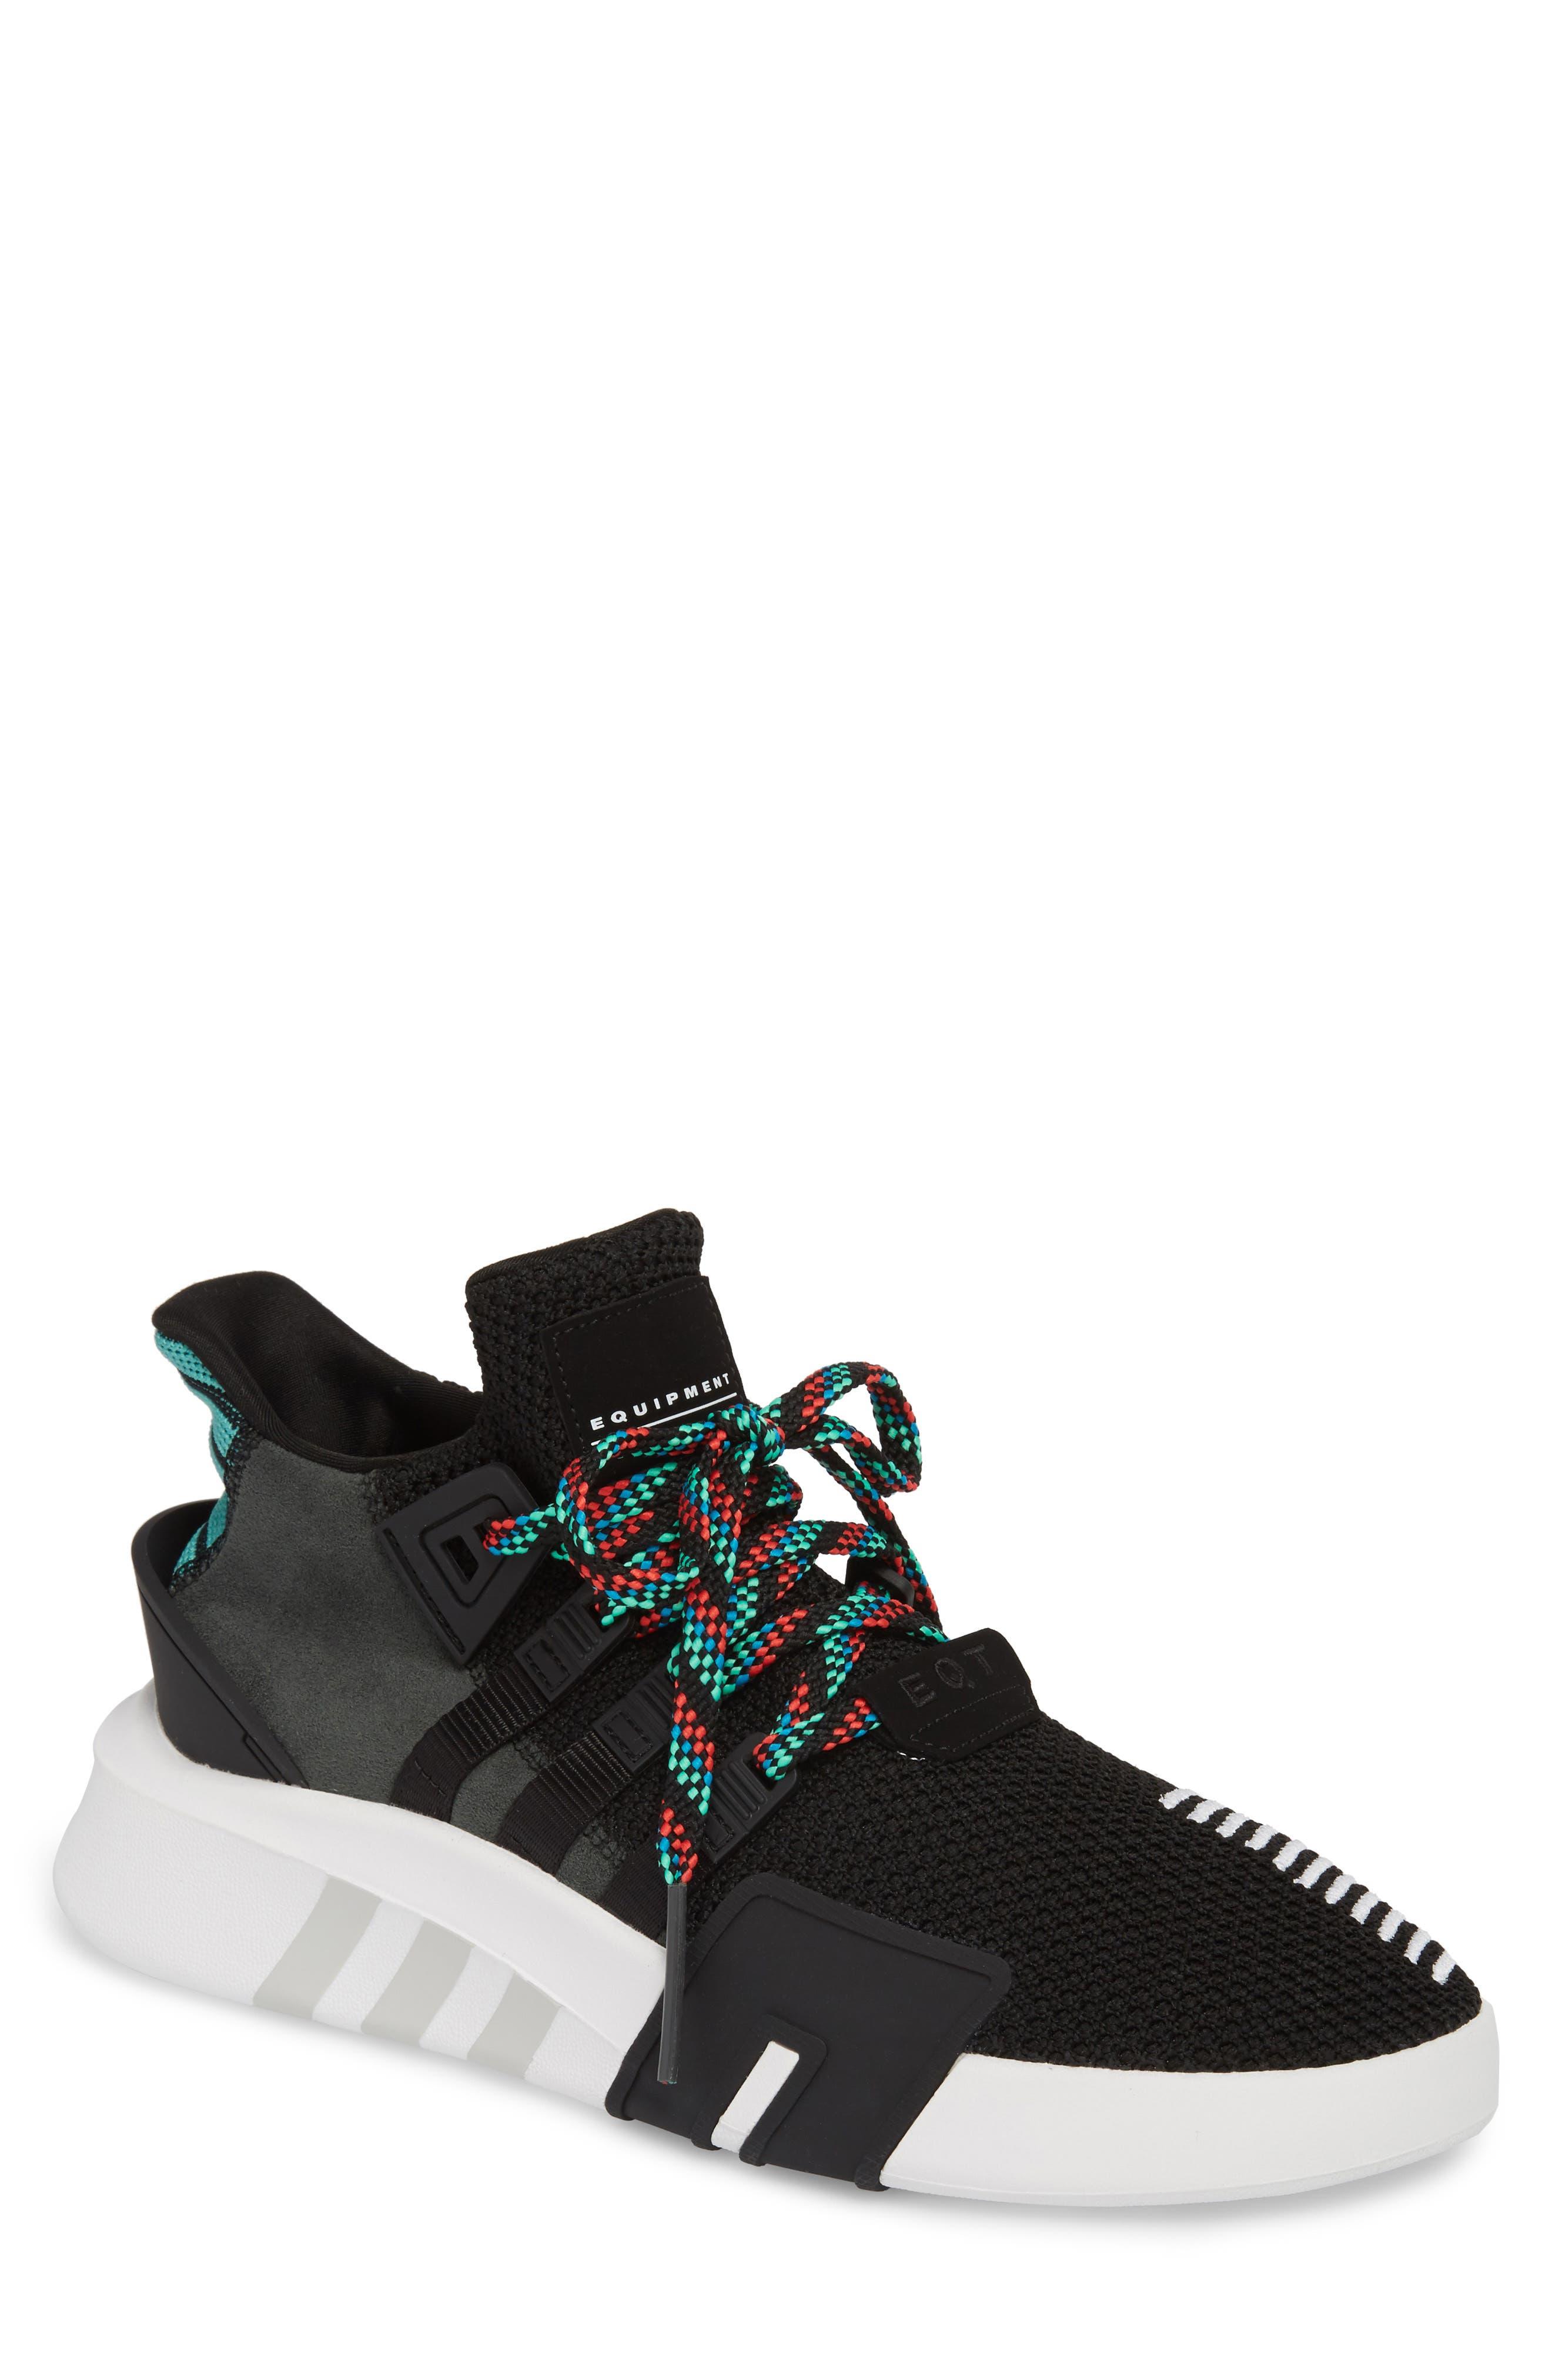 EQT Basketball ADV Sneaker,                         Main,                         color, Core Black/ Sub Green